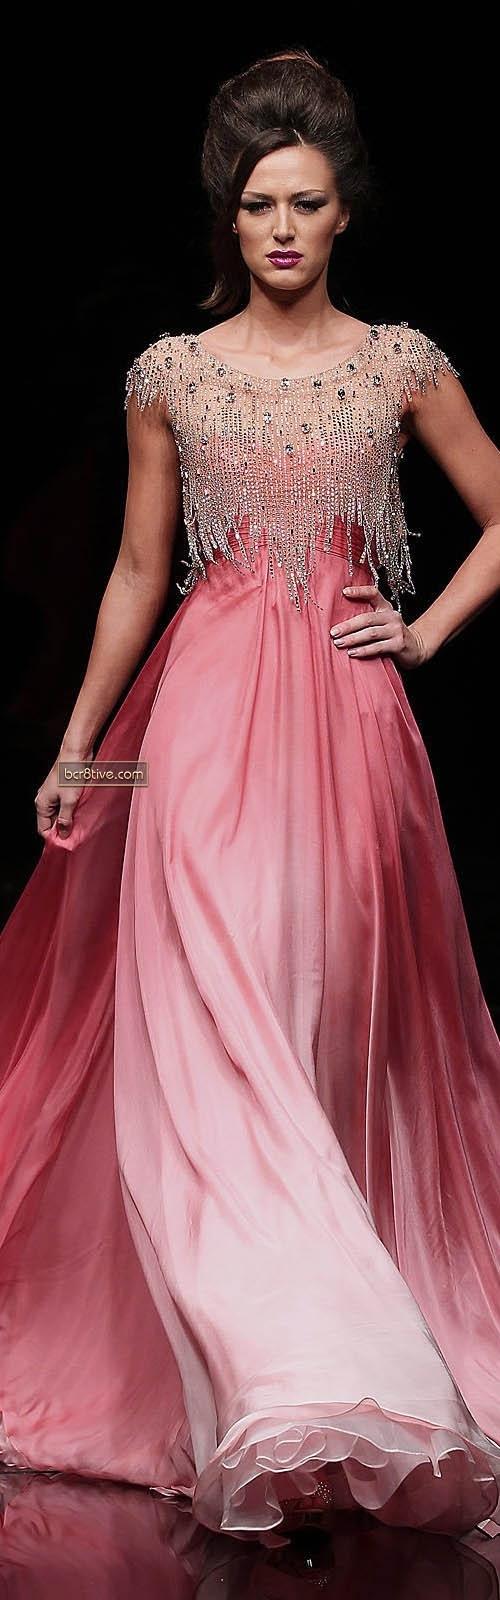 Hanna Touma by Janny Dangerous | haute couture | Pinterest ...